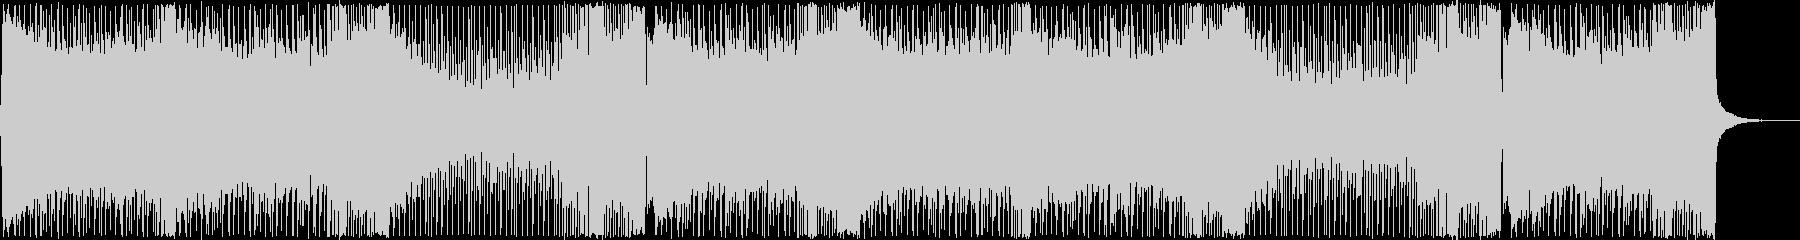 シューティングっぽいピアノが綺麗なEDMの未再生の波形